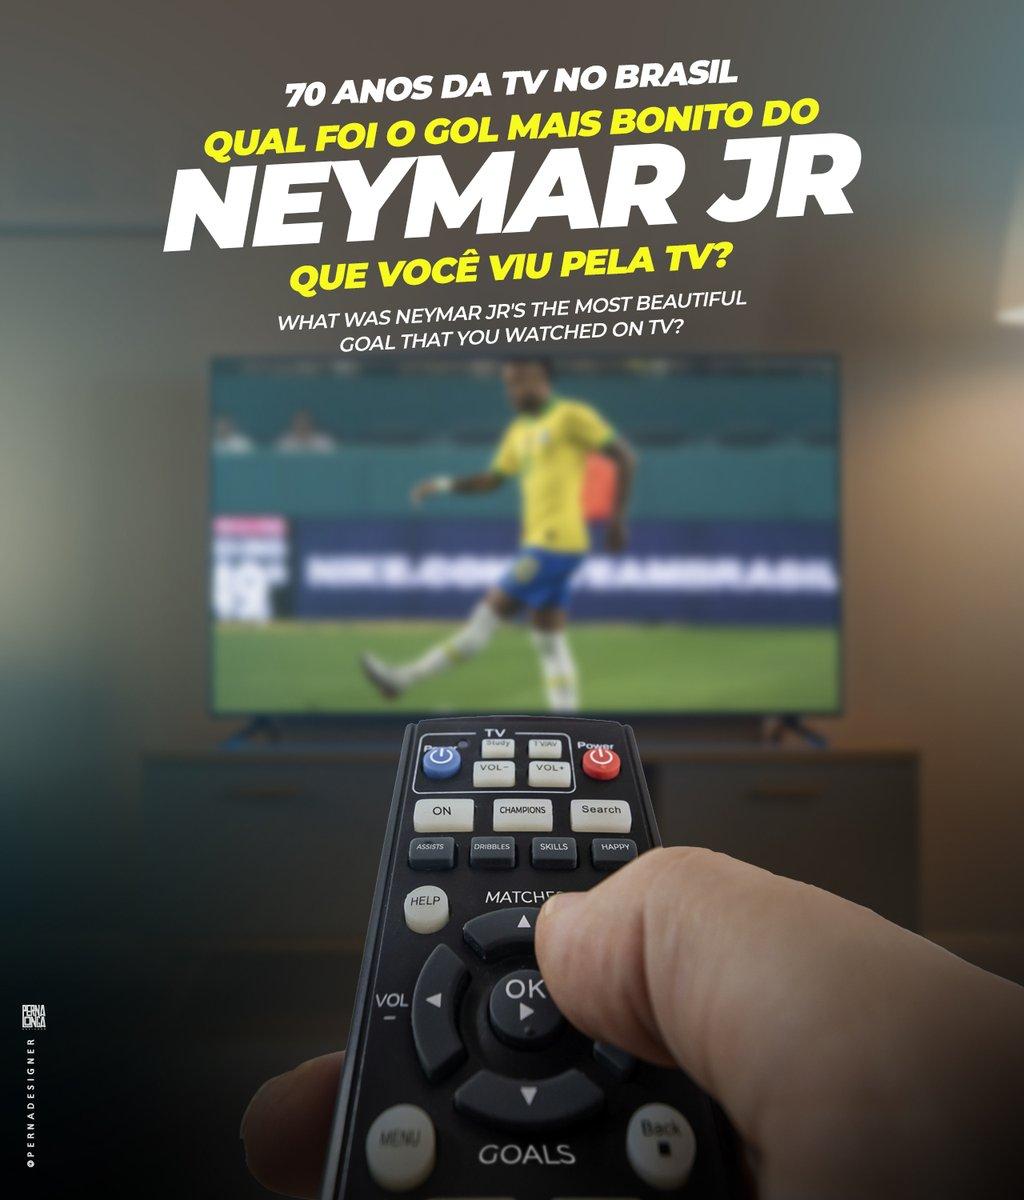 A TV brasileira completa 70 anos! 📺🎉 e o nosso controle remoto tem um botão especial para assistir gols do Neymar Jr 🤩⚽  #Neymar #NeymarJr #NjR #tv #televisão #brasil #brasil #70anostvbrasileira #neymarfans #neymarskills https://t.co/Z50uuMQakZ